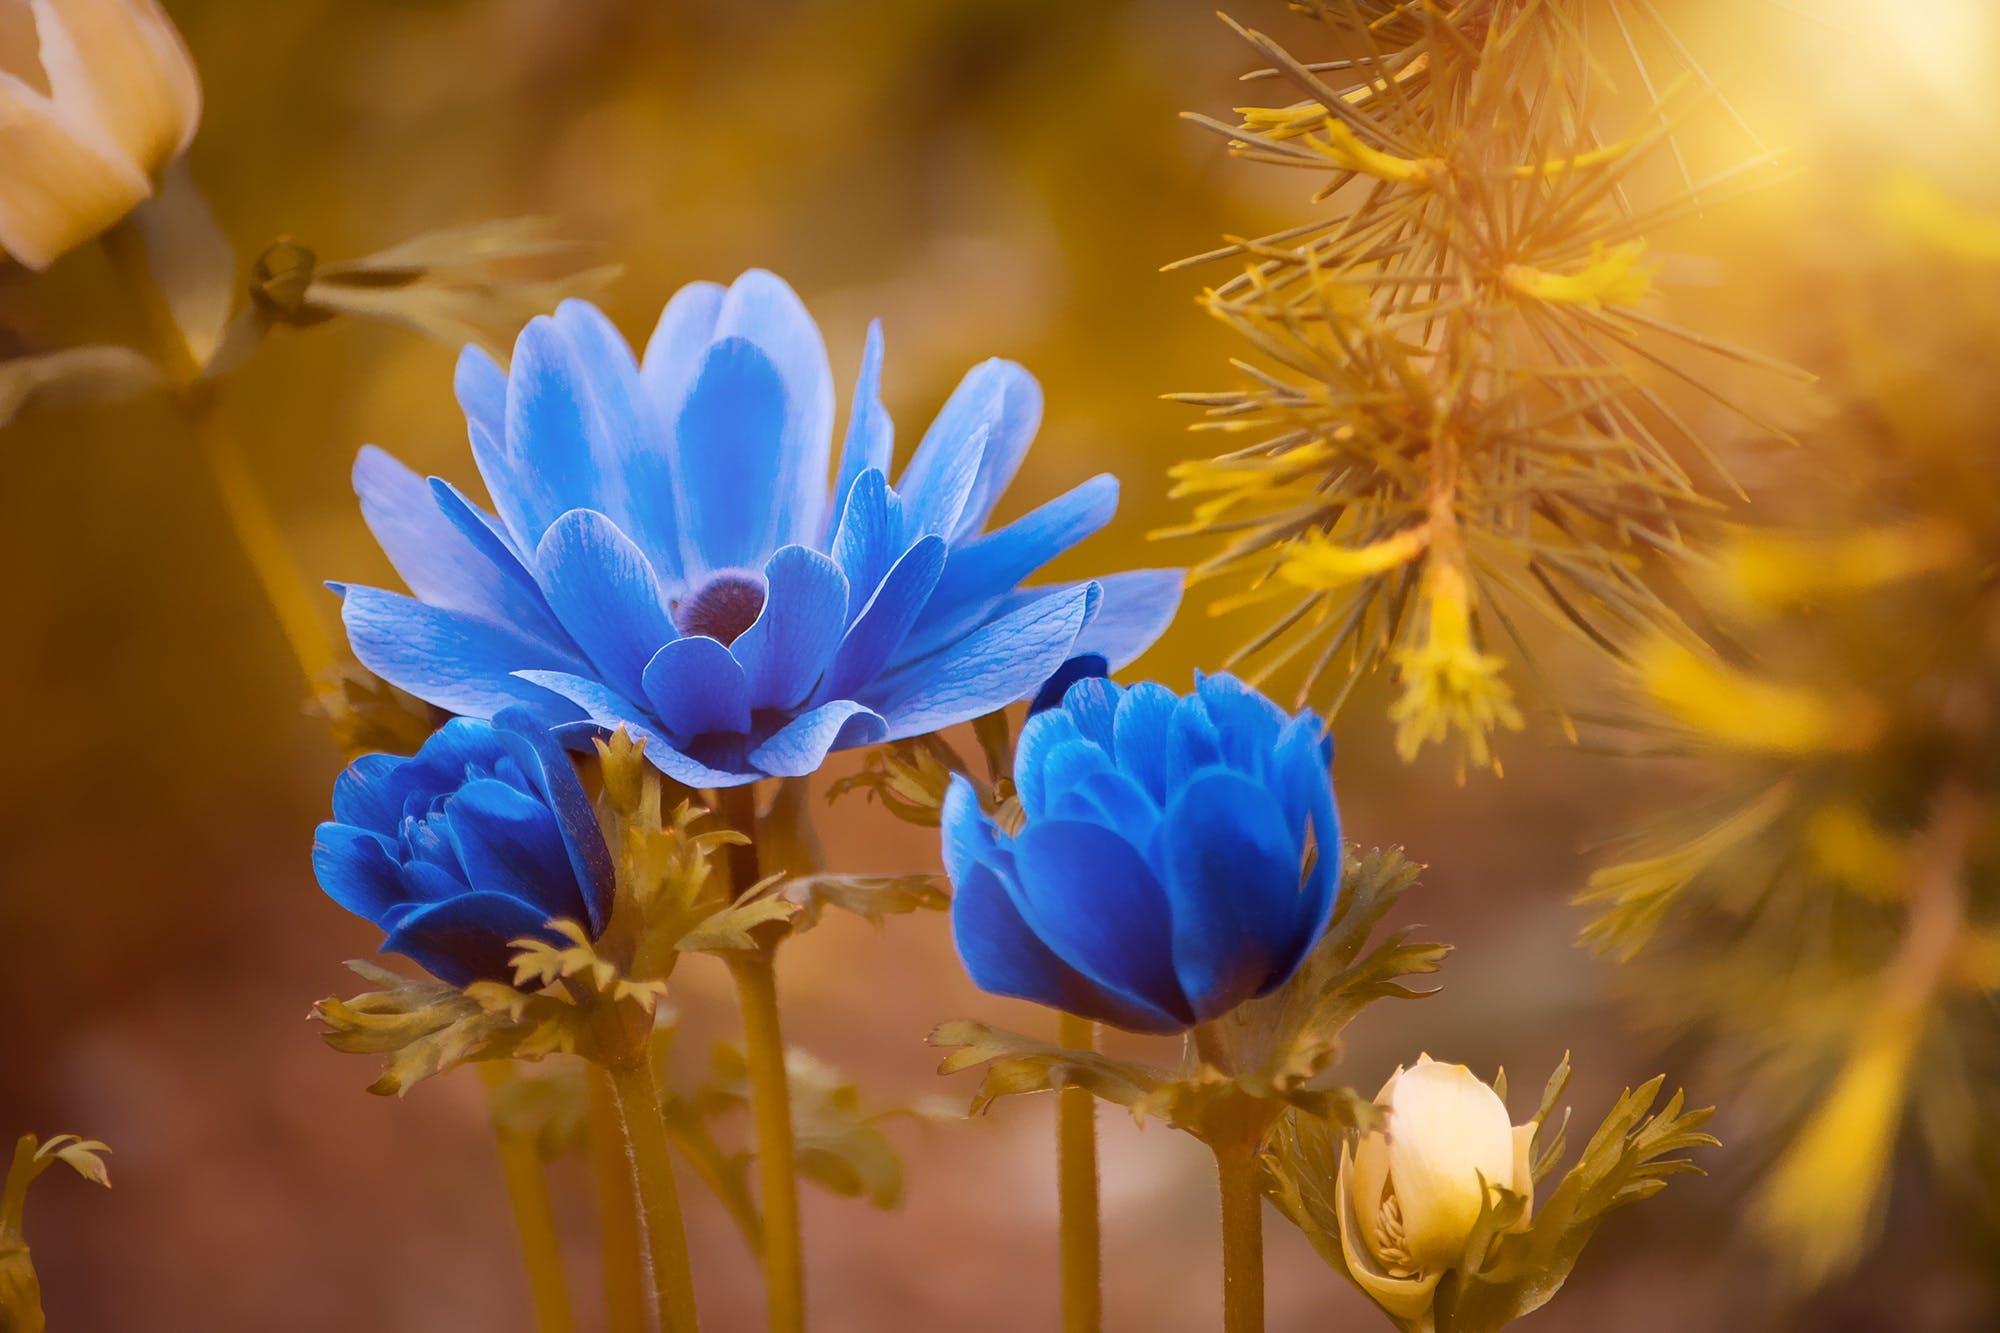 zu blühen, blumen, blüte, blütenblätter